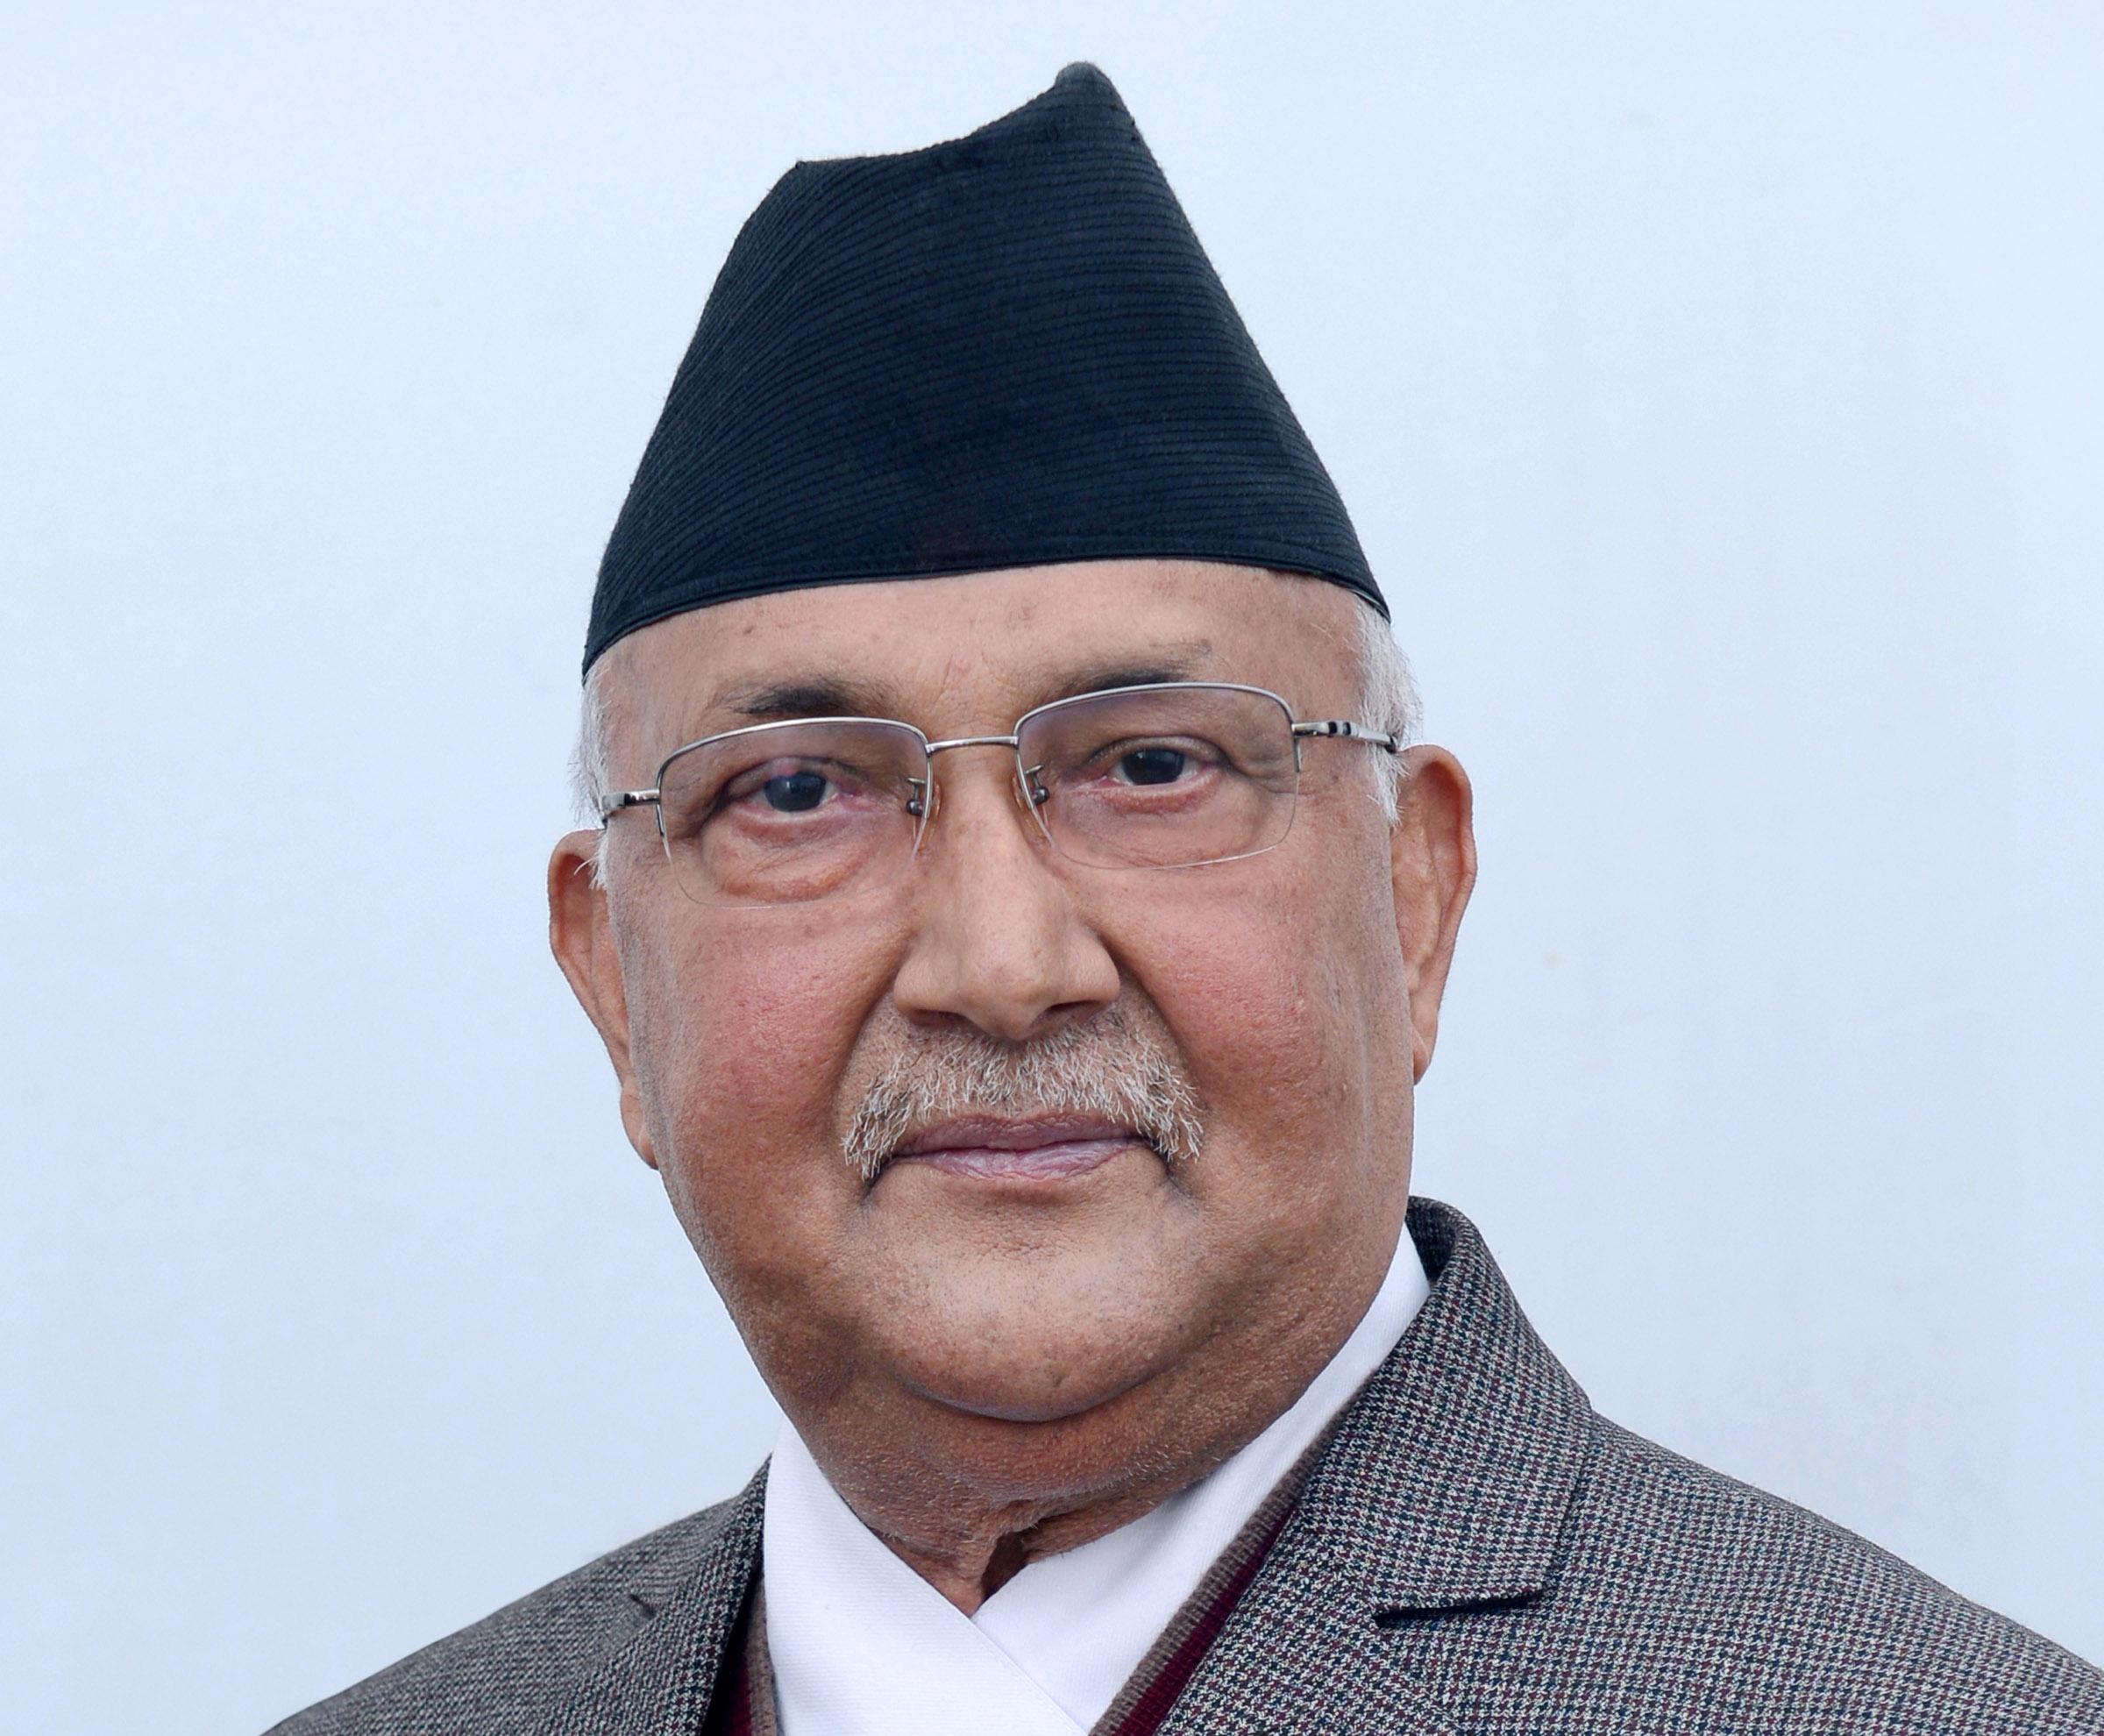 नेपाल सम्वत परोपकारी भावना स्मरण गर्ने दिन : प्रधानमन्त्री ओली